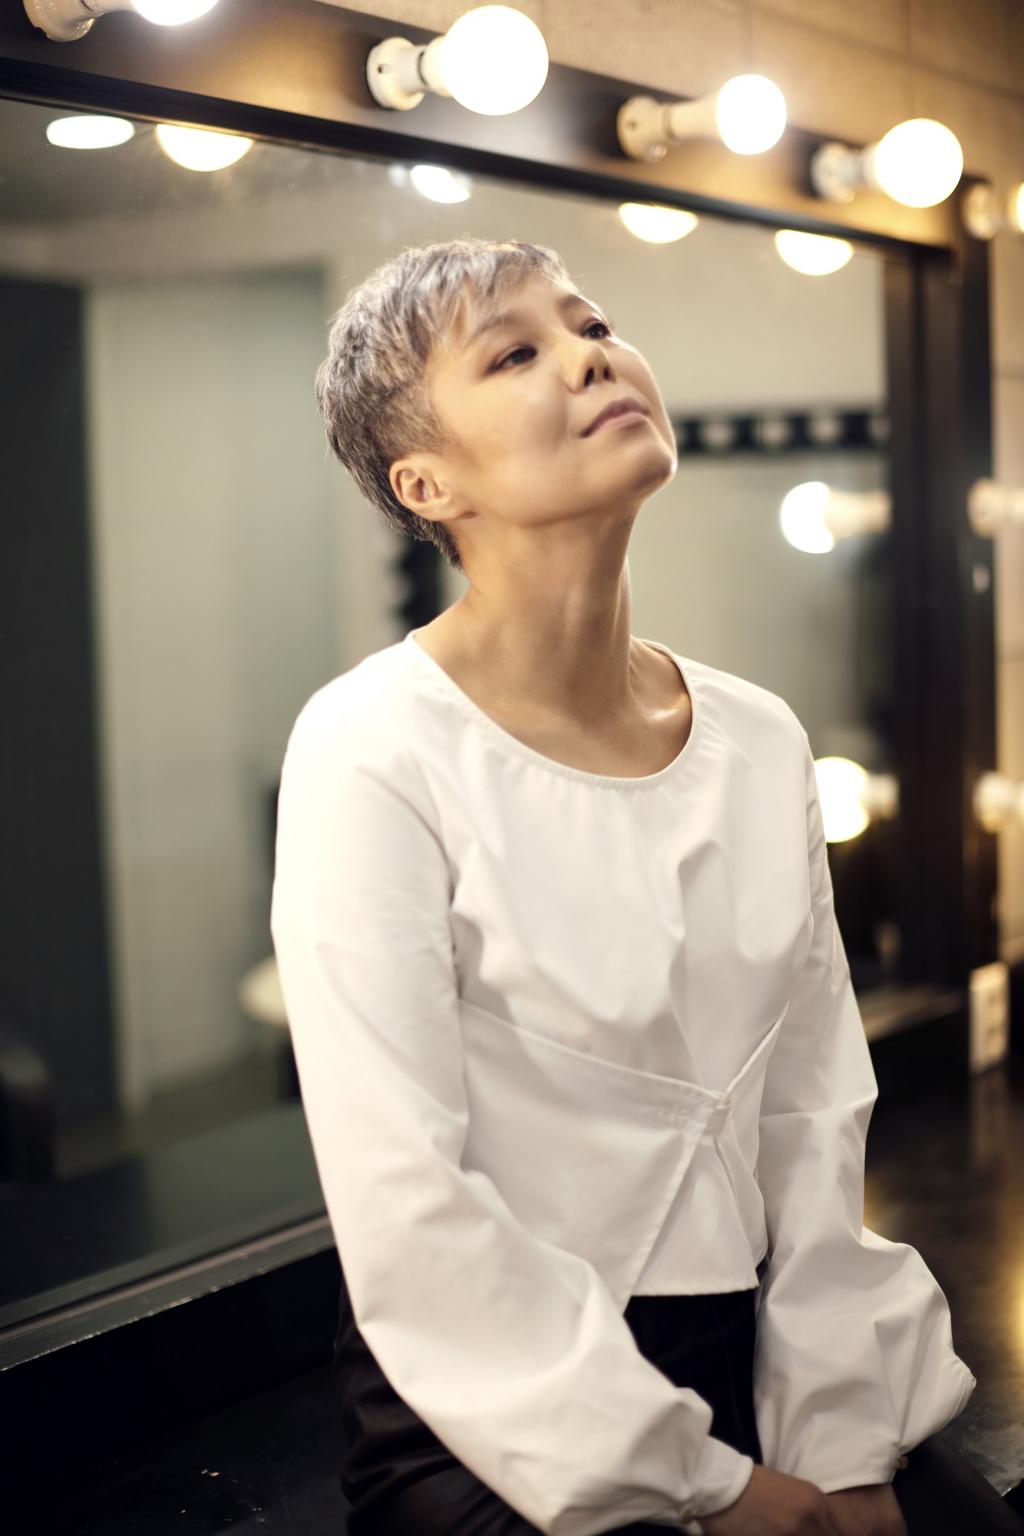 11일(금), 이은미 데뷔 30주년 기념 프로젝트 앨범 '나의 계절' 발매   인스티즈